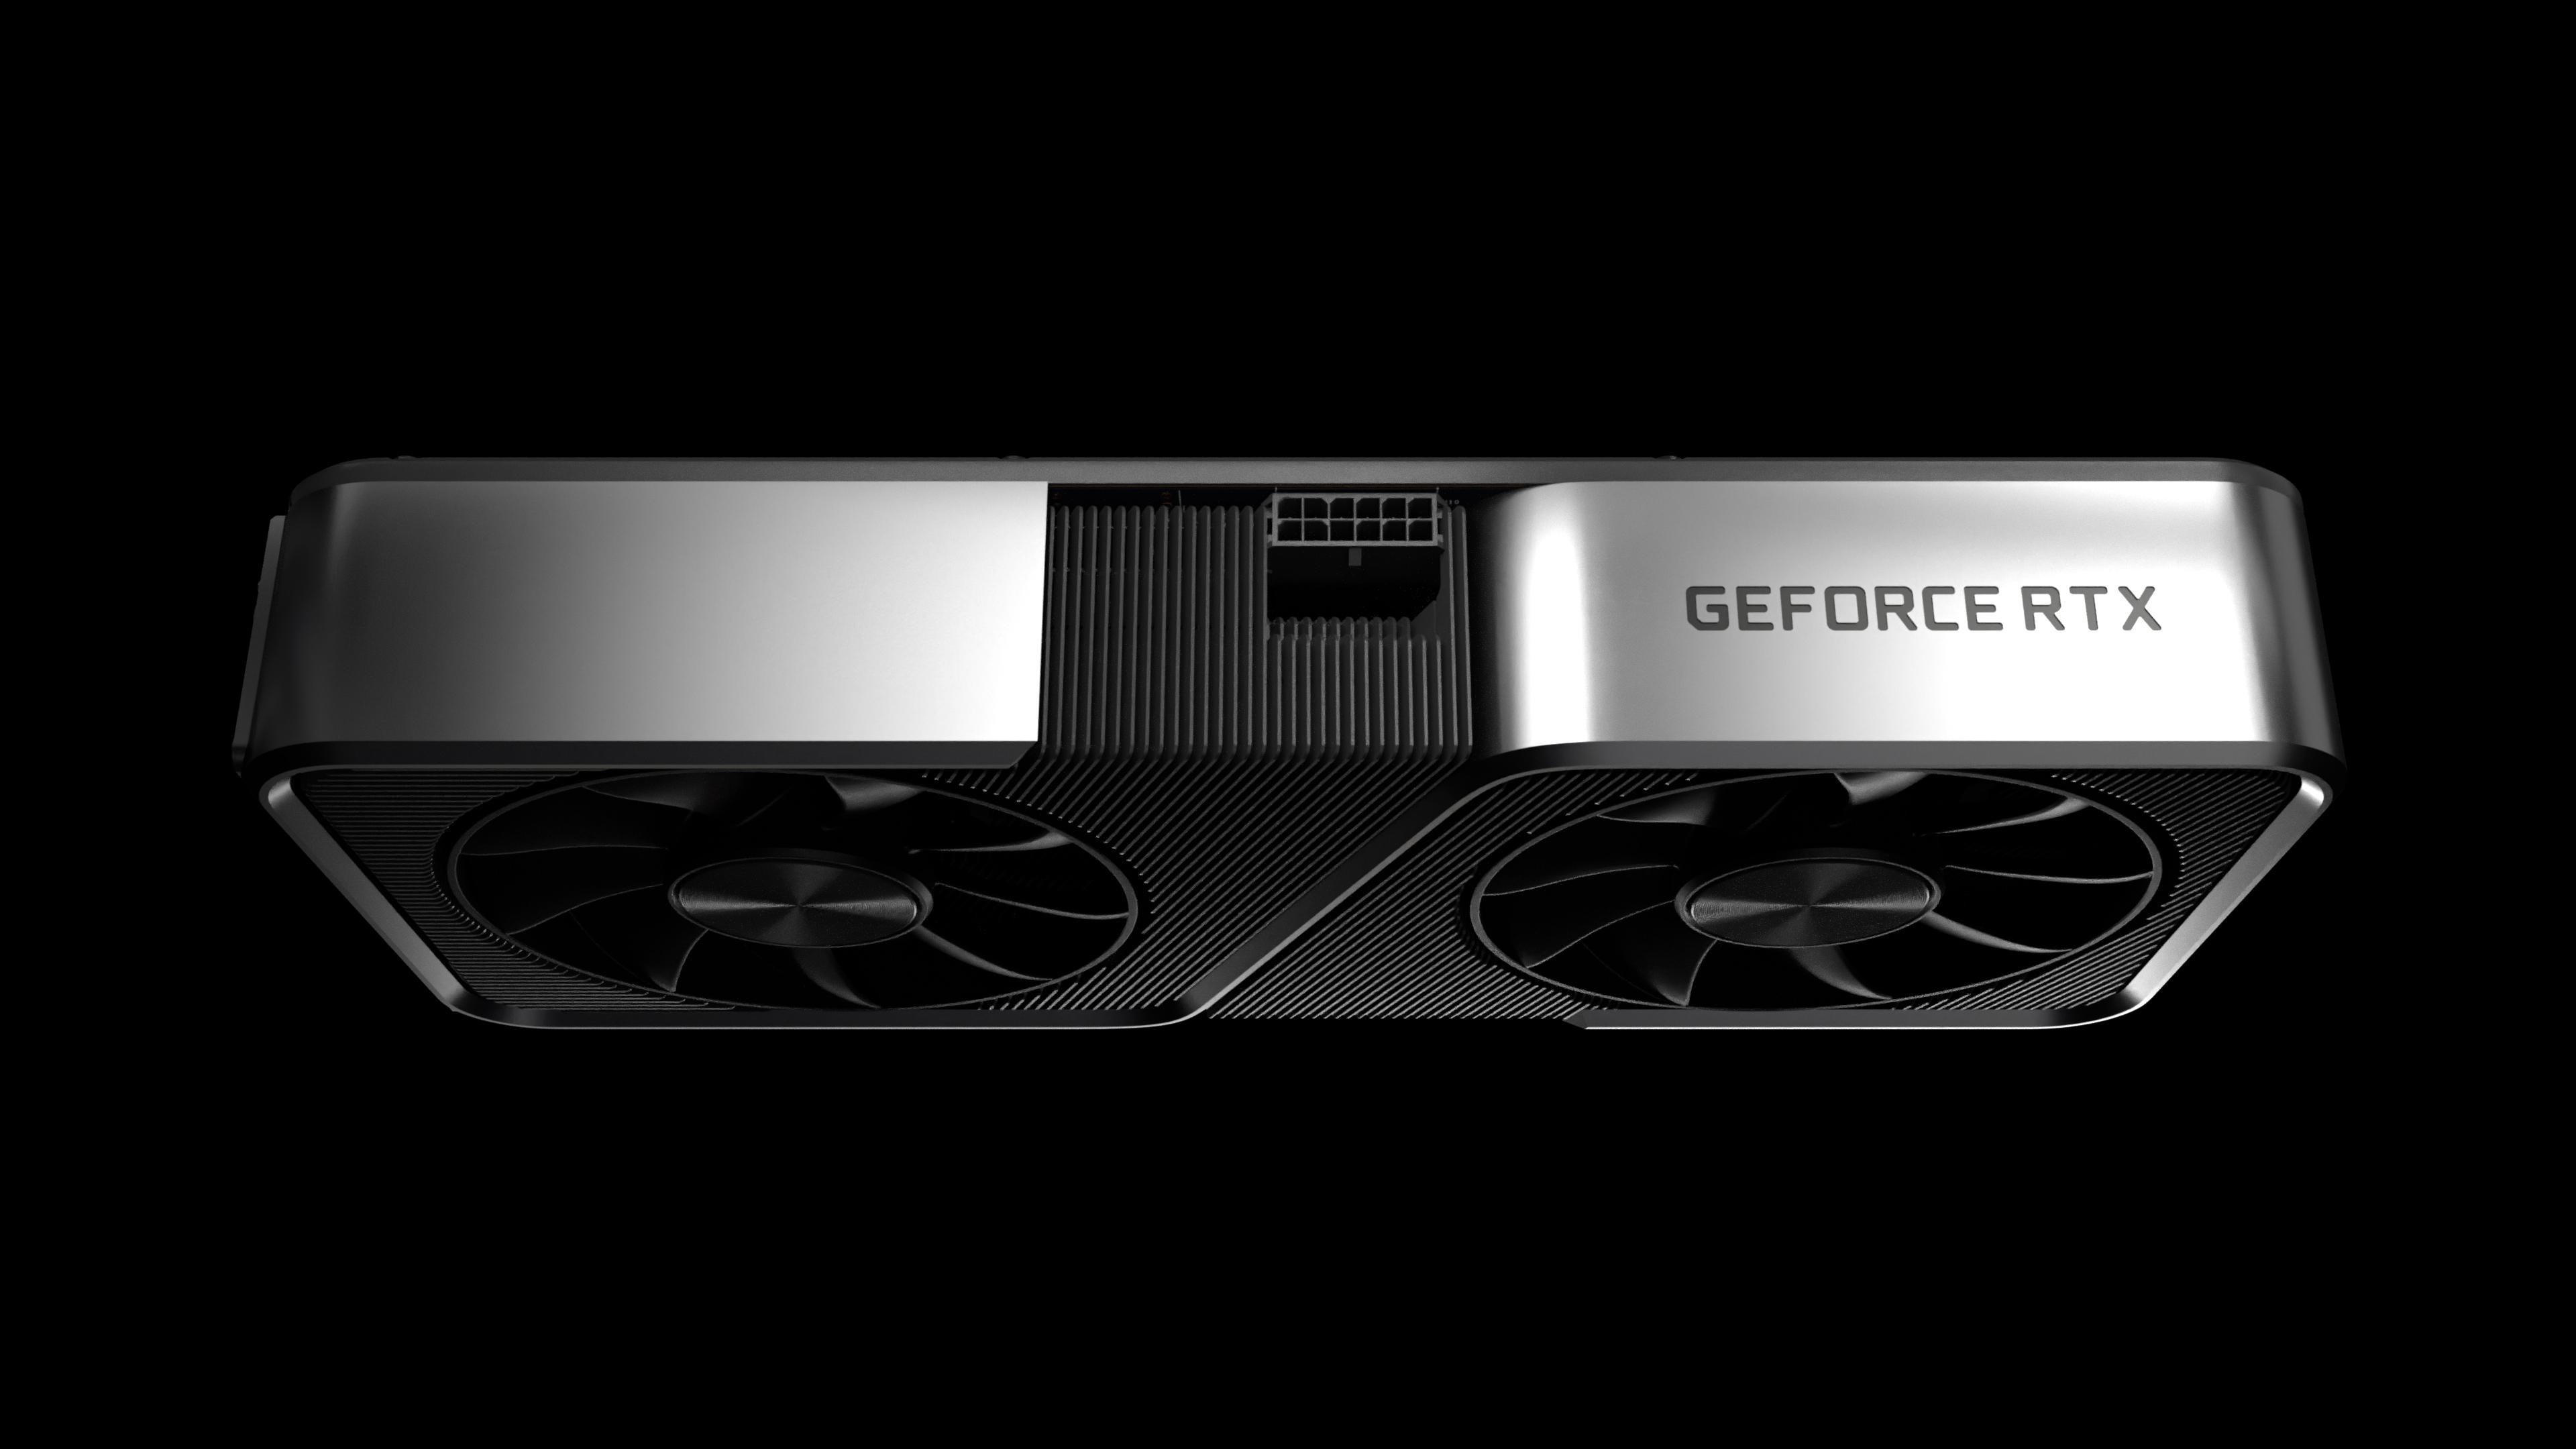 Geforce GTX 3070